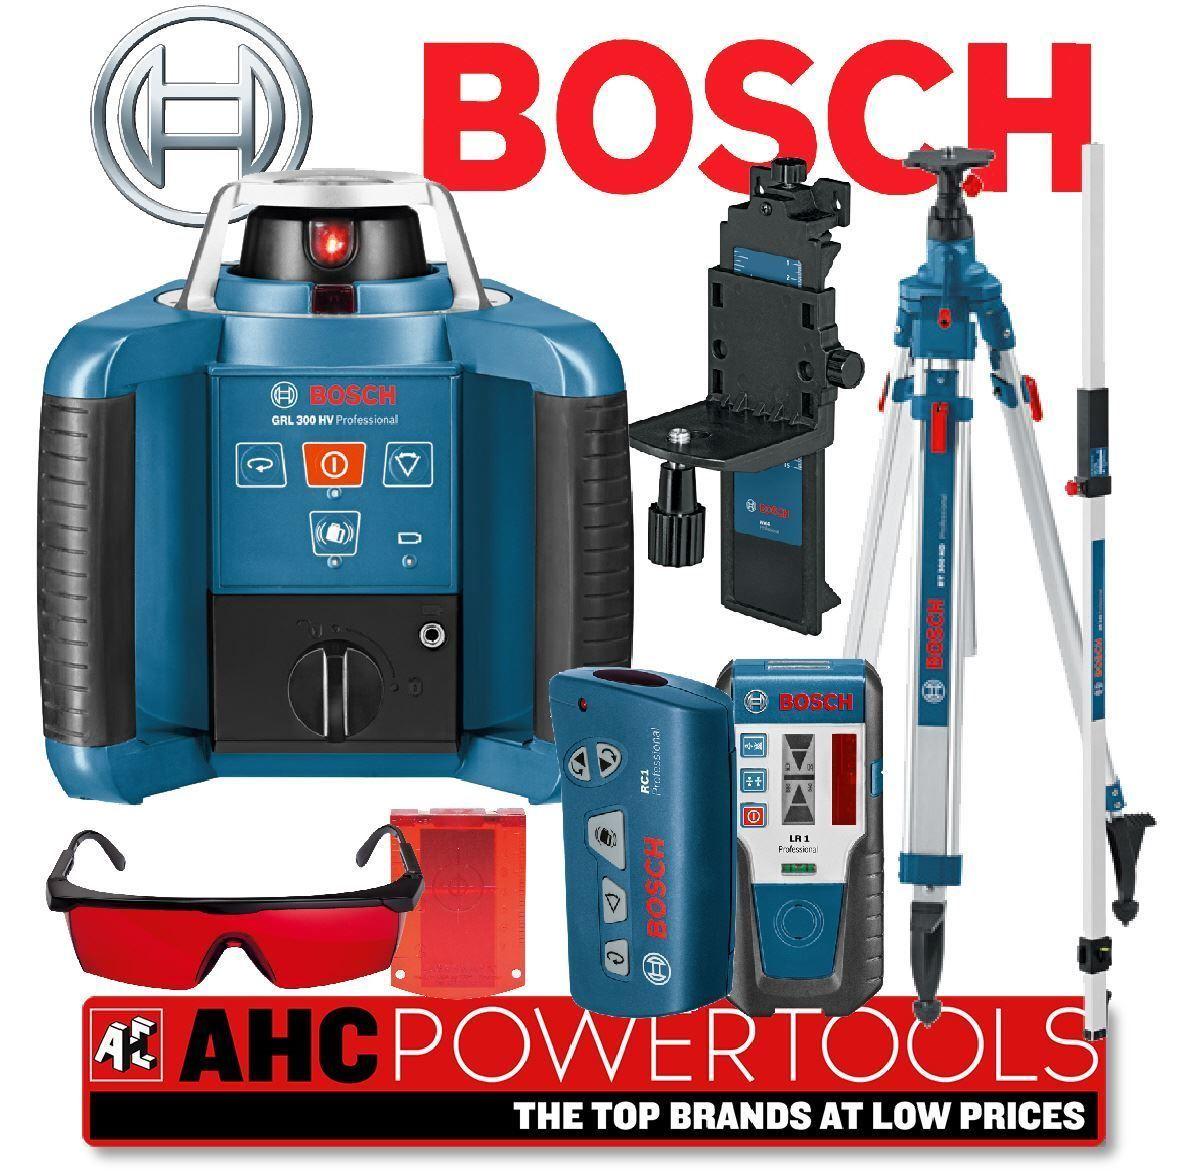 bosch grl 300 hv pro site rotary laser level kit grl300 ebay. Black Bedroom Furniture Sets. Home Design Ideas